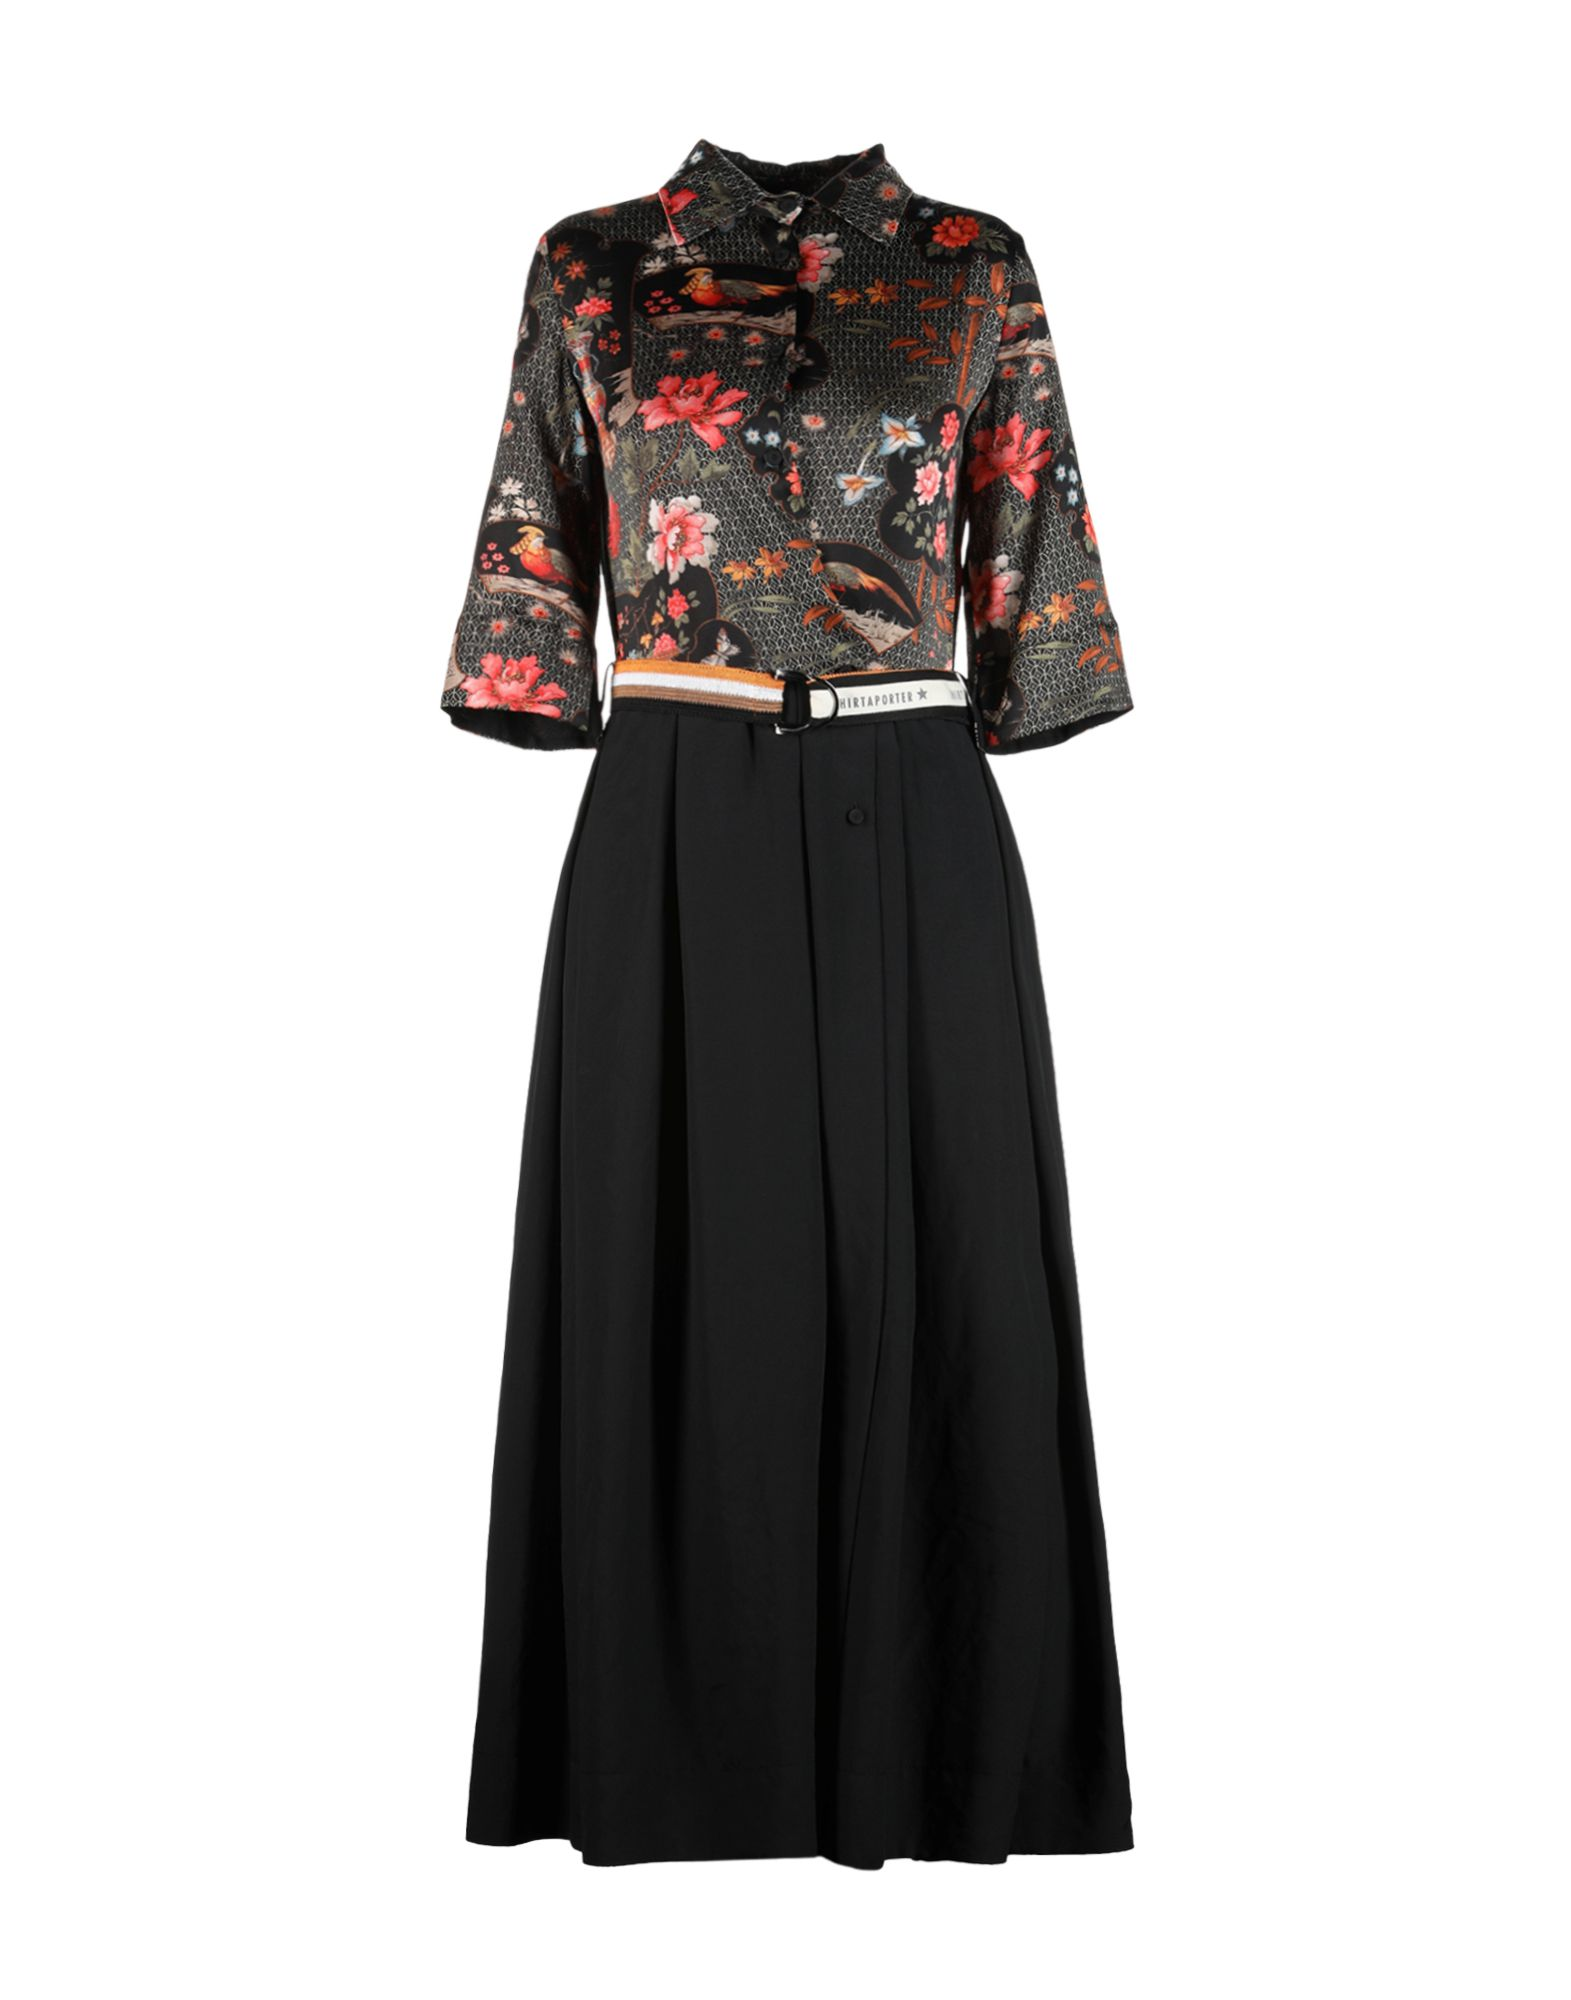 SHIRTAPORTER Платье длиной 3/4 icons платье длиной 3 4